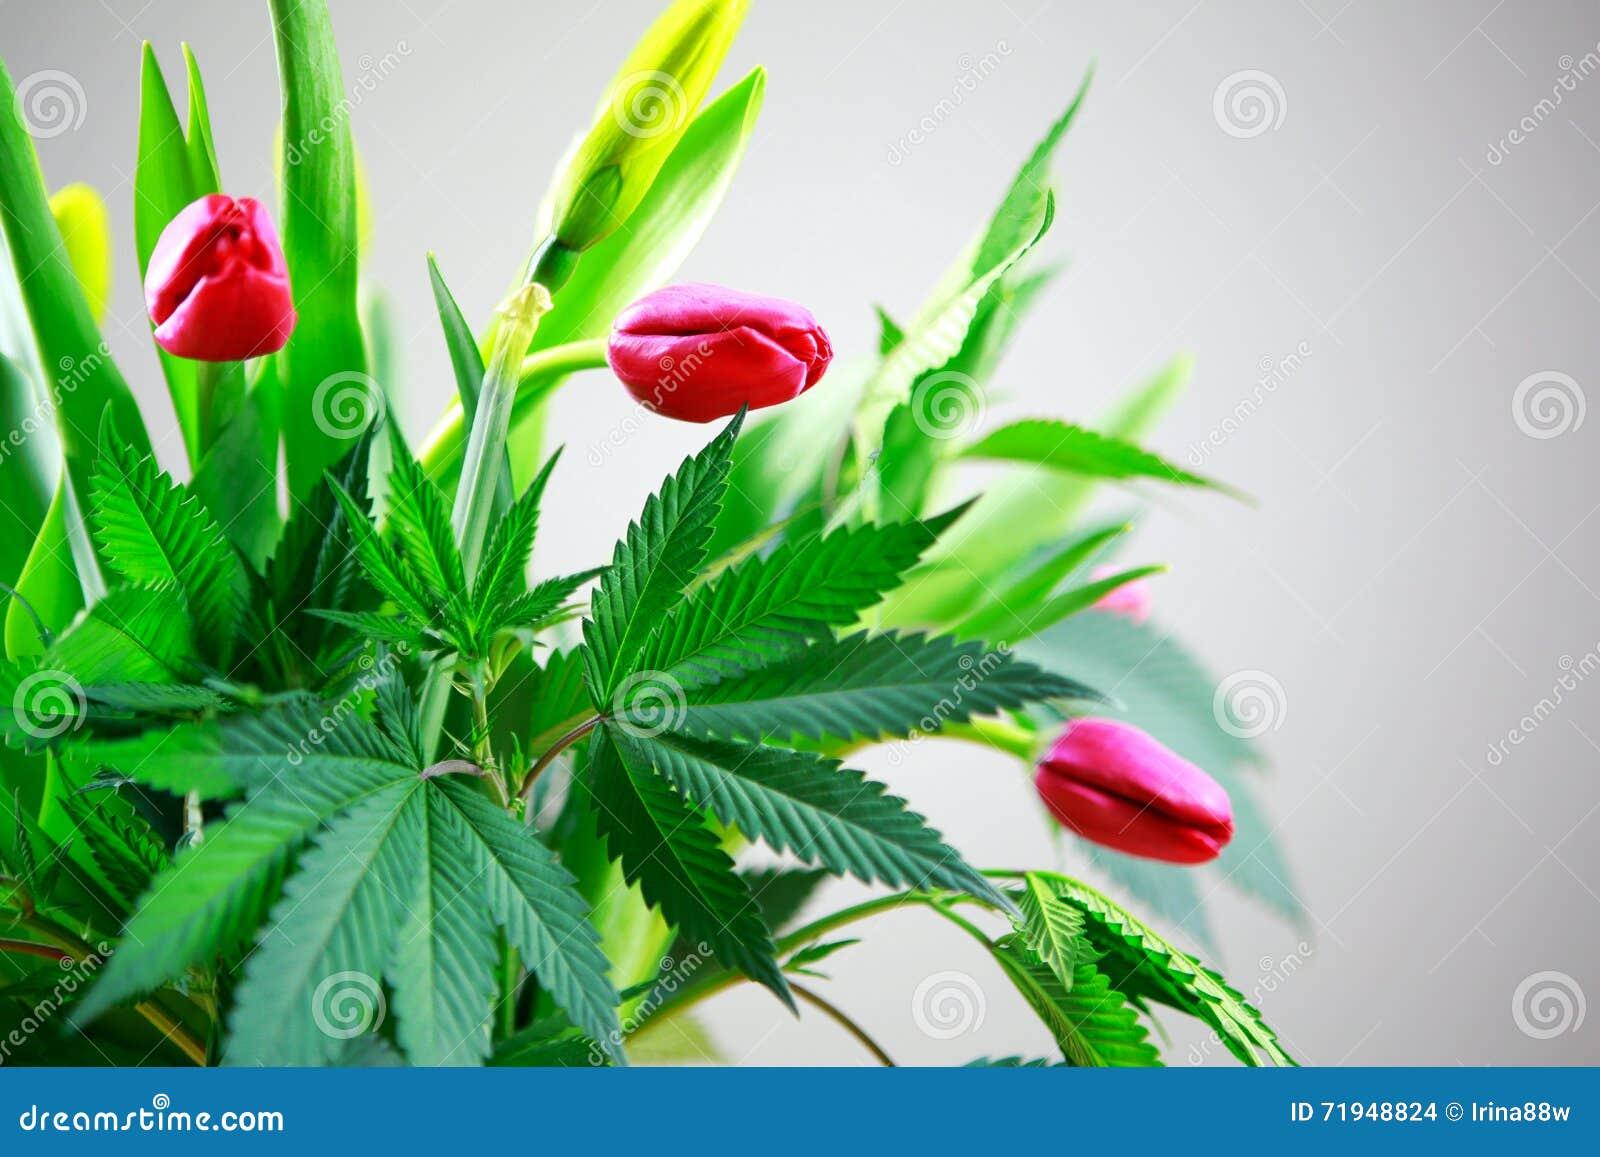 Πράσινος φρέσκος μεγάλος μαριχουάνα βγάζει φύλλα (καννάβεις), φυτό κάνναβης σε ένα ν